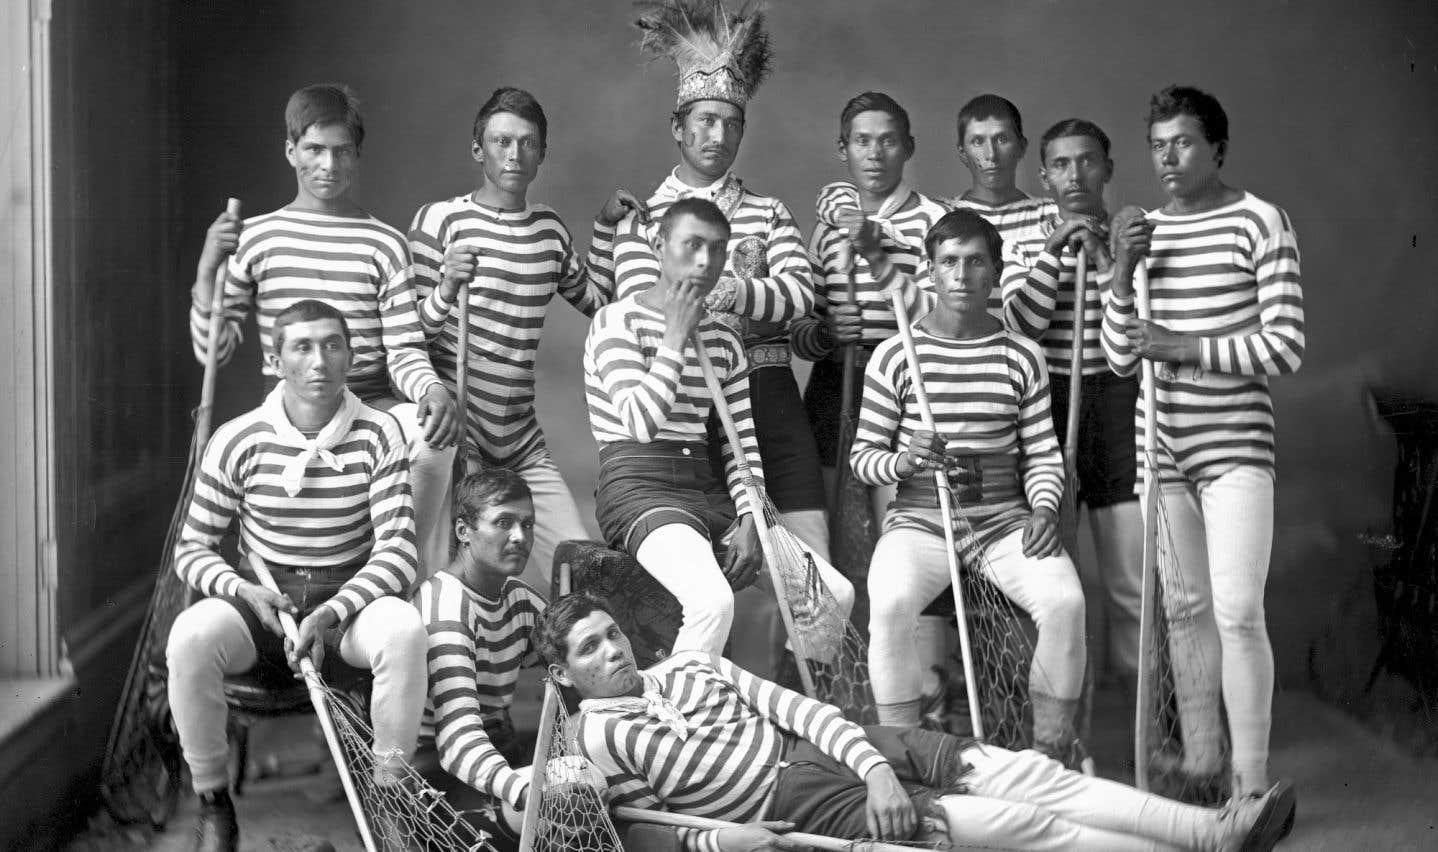 La crosse, ce sport autochtone devenu national